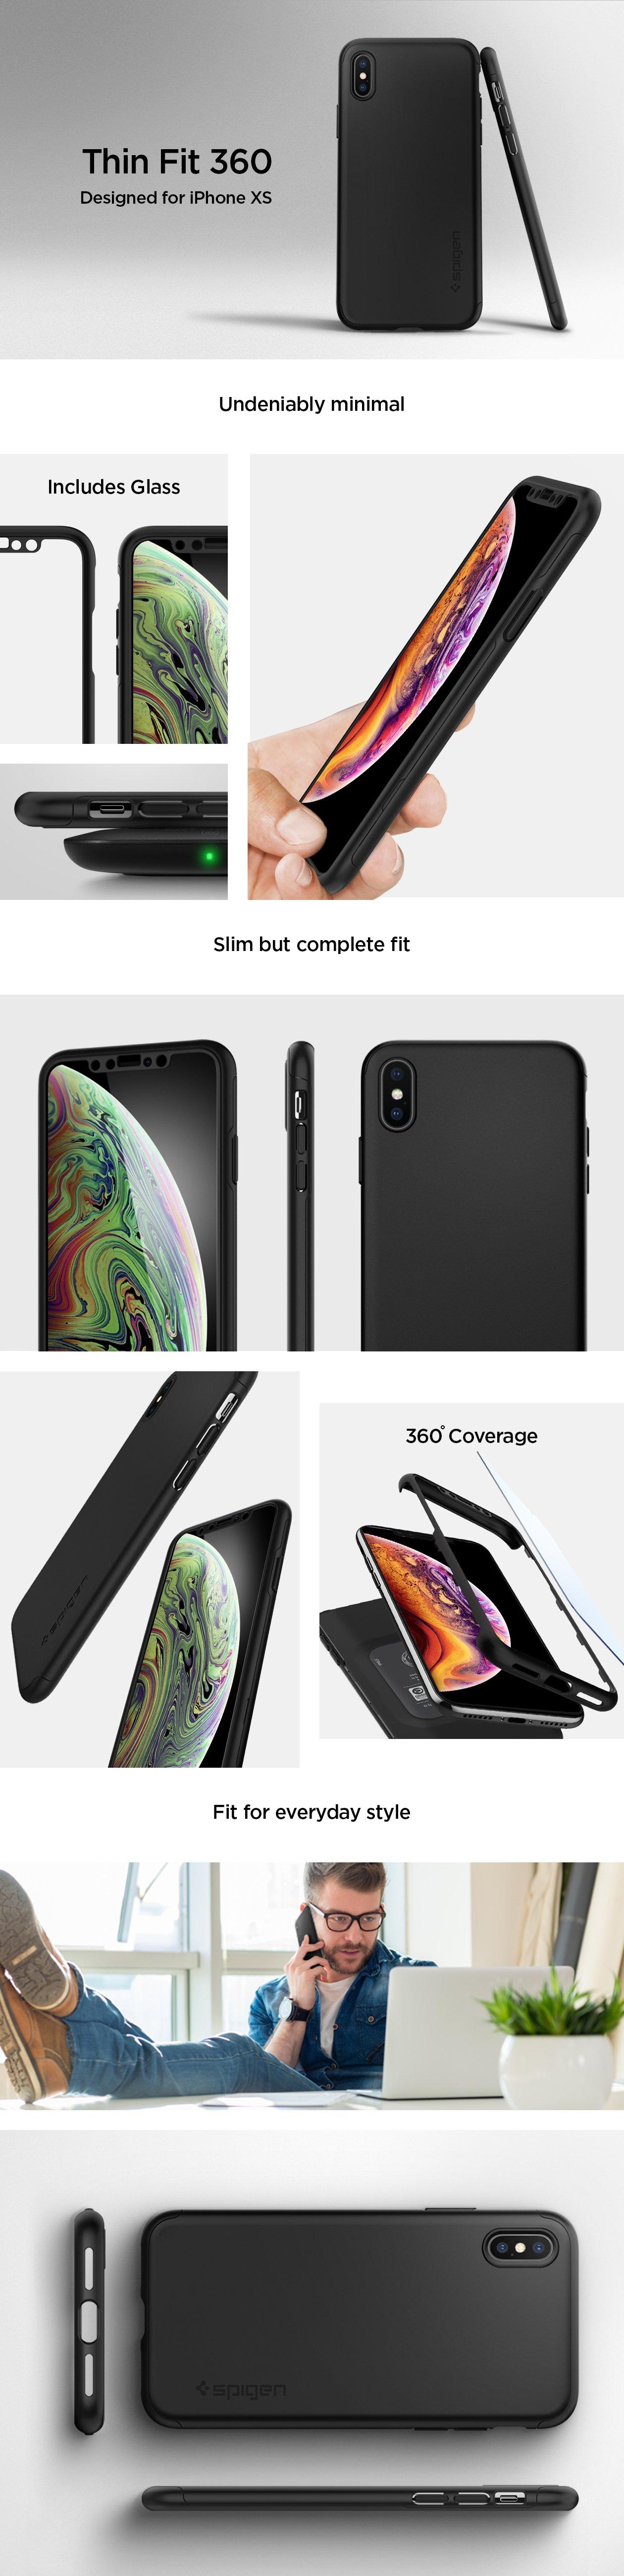 Obal / kryt / pouzdro Spigen Thin Fit 360 s ochranným tvrzeným sklem na Apple iPhone XS a iPhone X